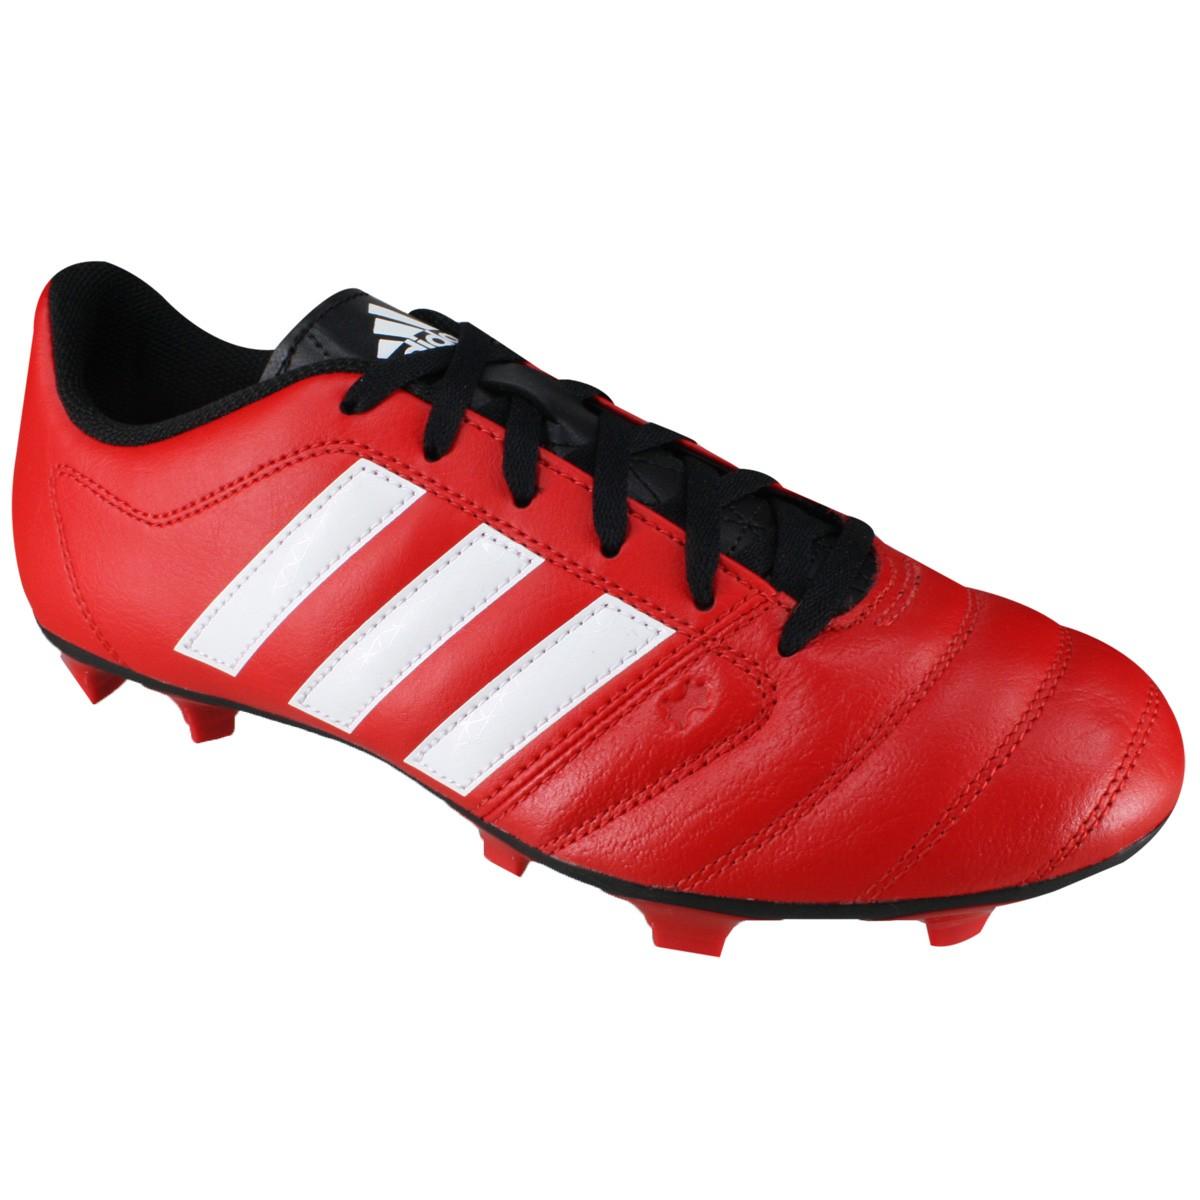 5b295a66a3 Chuteira Adidas Gloro 16.2 FG Campo AF4865 - Vermelho Preto - Botas ...